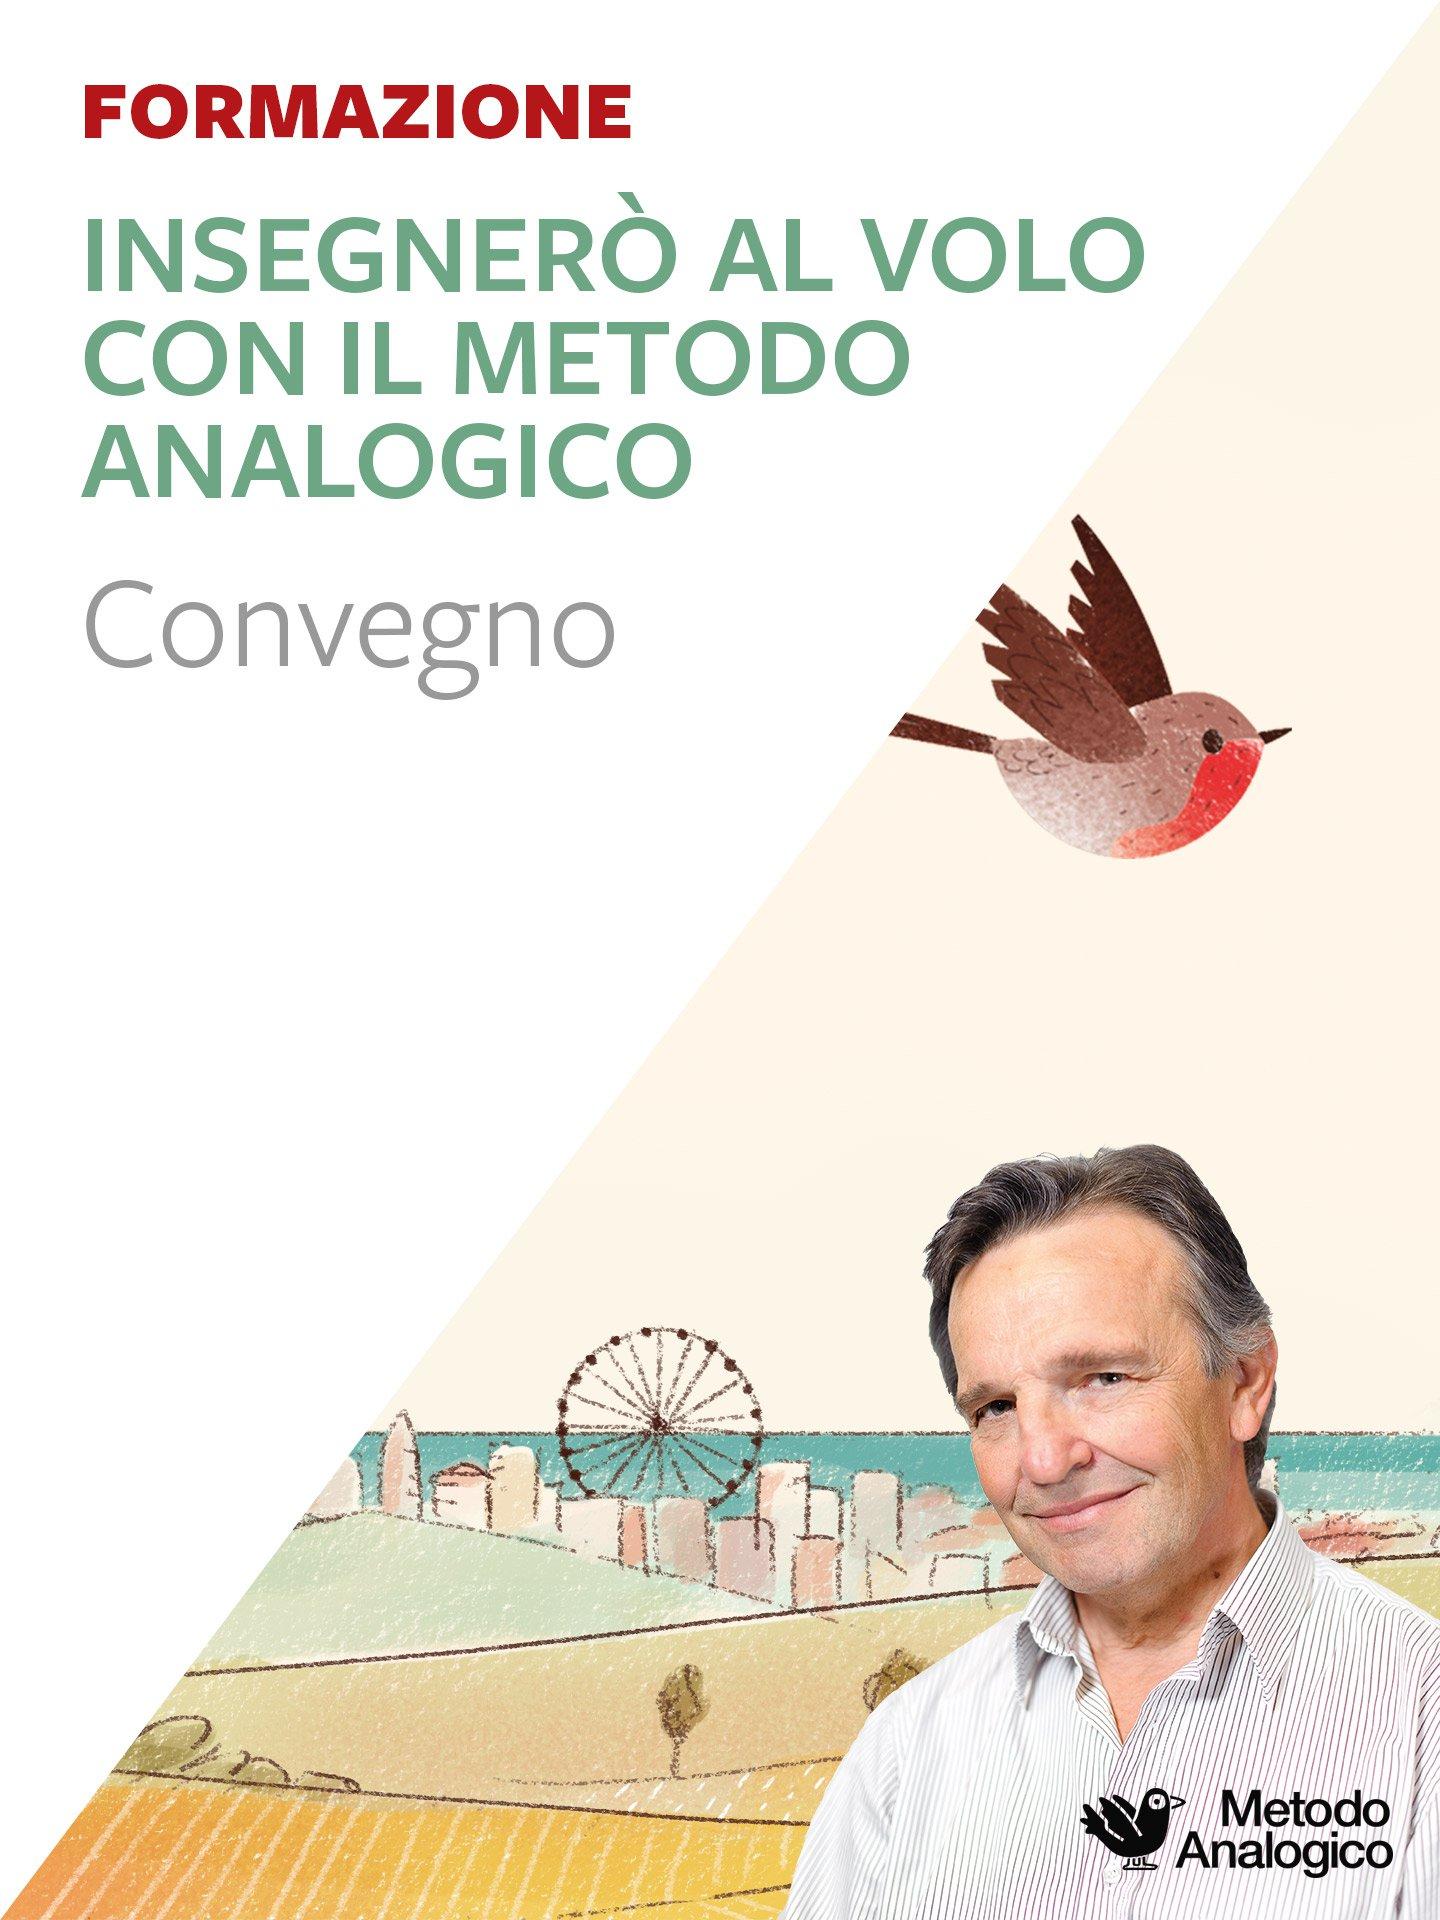 Insegnerò al volo con il Metodo Analogico - Rimini - Metodo Analogico Formazione - Erickson